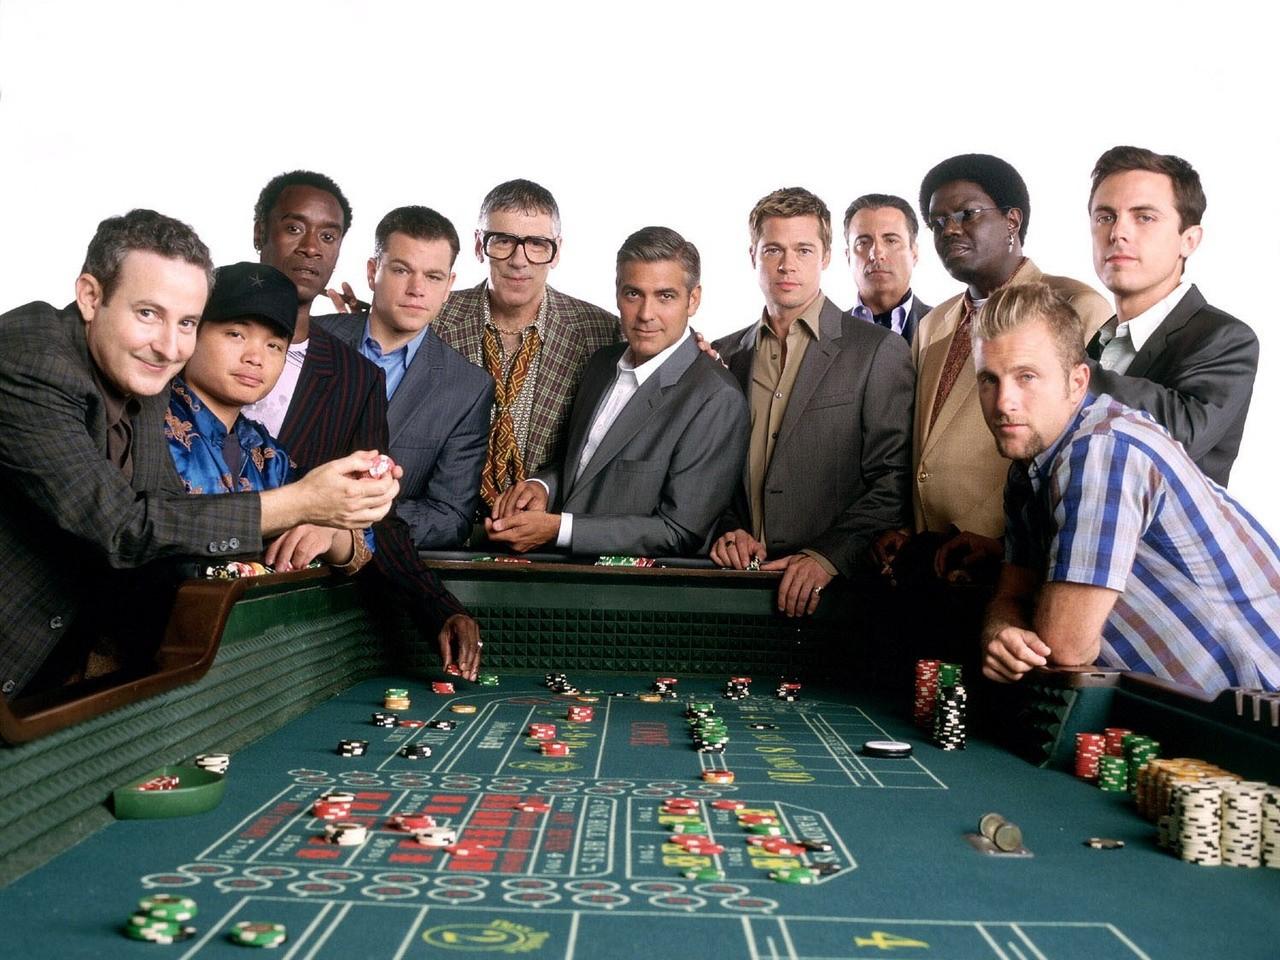 работы в какой покер играли в одиннадцать друзей оушина как нижнее